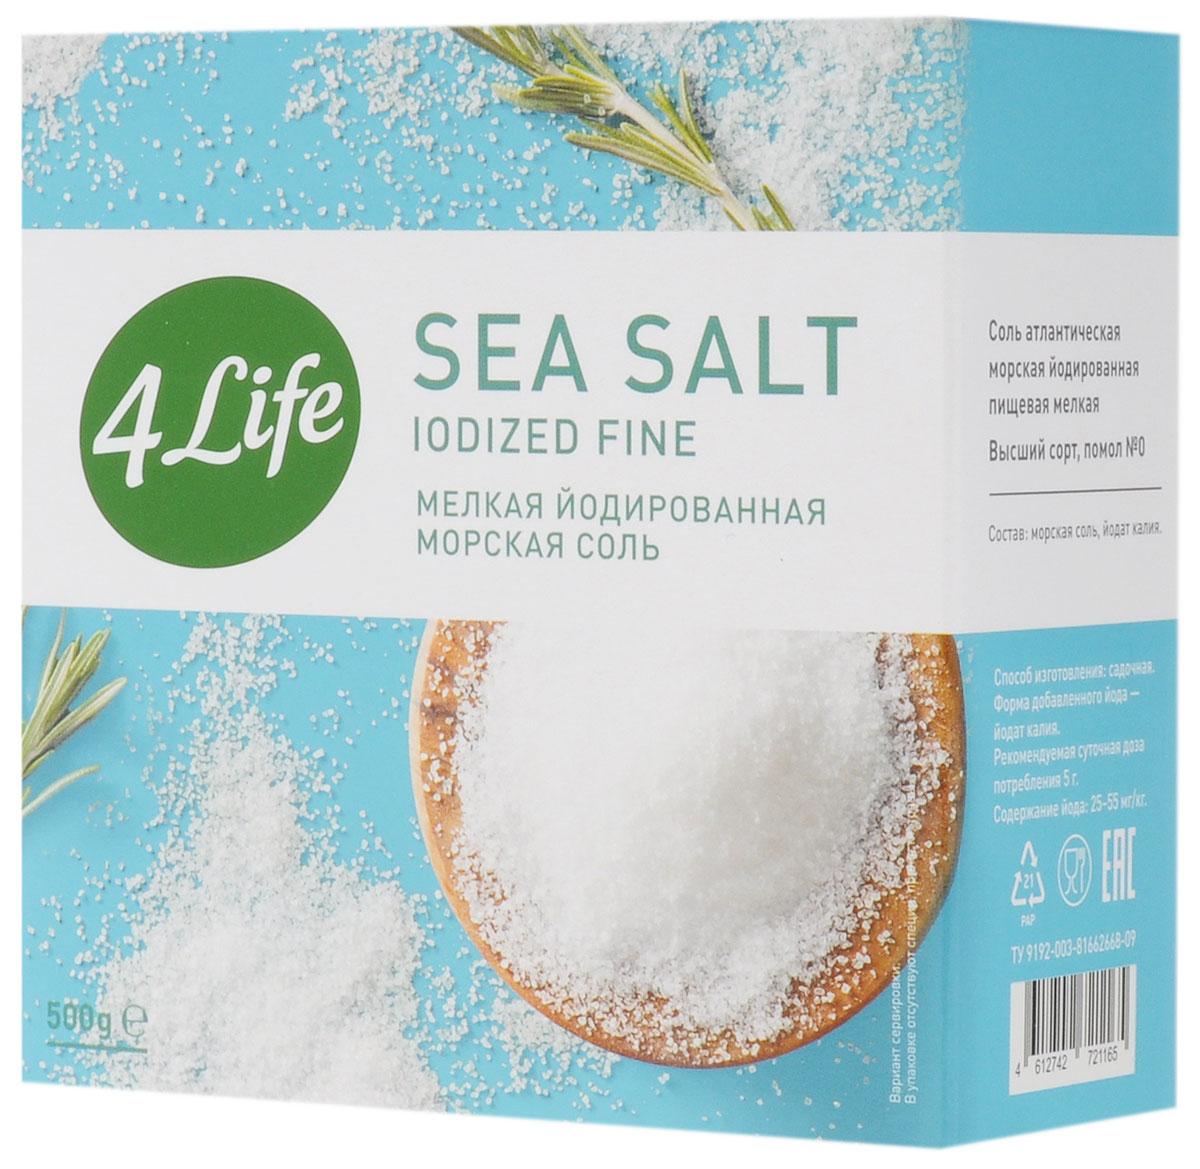 4Life соль морская мелкая йодированная в коробке, 500 гбте003Атлантическая морская йодированная соль 4Life - это 100% натуральный продукт, в своем составе не содержит Е535, 536, дополнительно обогащена йодом. Морская соль предназначена для приготовления различных продуктов, а также для подсаливания уже готовых блюд. Благодаря своему особому составу, морская соль 4Life тонко и изысканно подчеркивает естественный вкус продуктов, поэтому ей отдают предпочтение и гурманы, и сторонники здорового питания. Морская соль добывается путем выпаривания чистейшей воды Атлантического океана под солнечными лучами. Этот естественный, экологичный метод производства позволяет получить максимально чистую соль природного состава. Она содержит не только NaCl, но и широкую палитру полезных для здоровья микроэлементов. Морская соль дополнительно йодирована йодатом калия, который необходим для компенсации йододефицита, характерного для большей части населения нашей страны. 5-10 г соли 4Life полностью удовлетворяют суточную потребность организма в йоде.